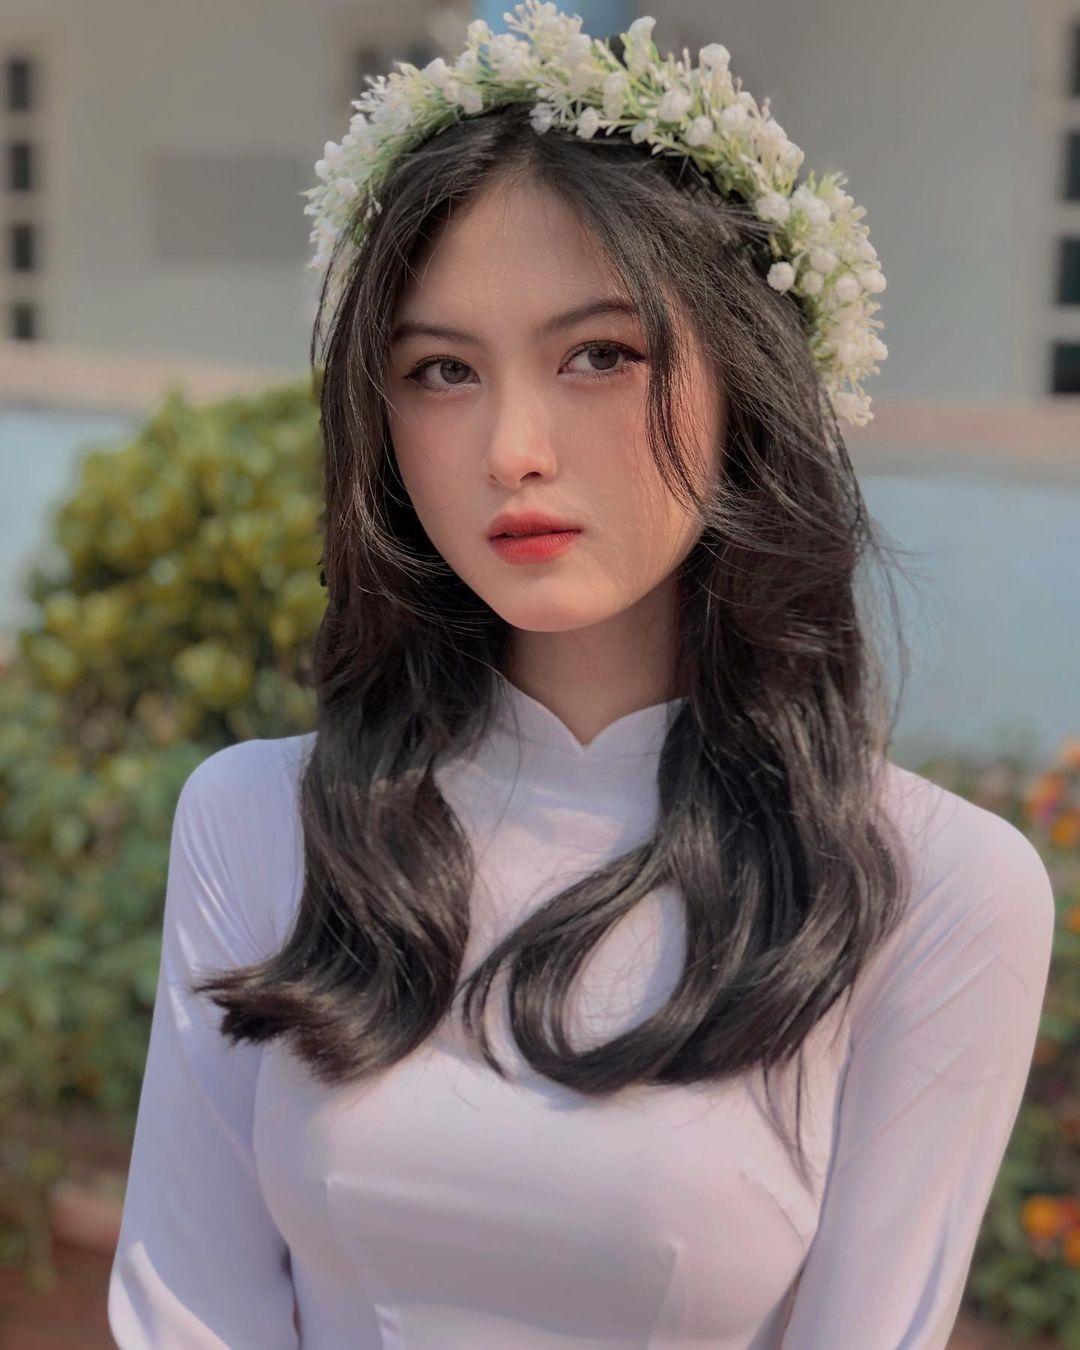 [人物]清纯越南妹子「Leely」辣穿奥黛,让人不被她掳获都不行啊. 养眼图片 第24张